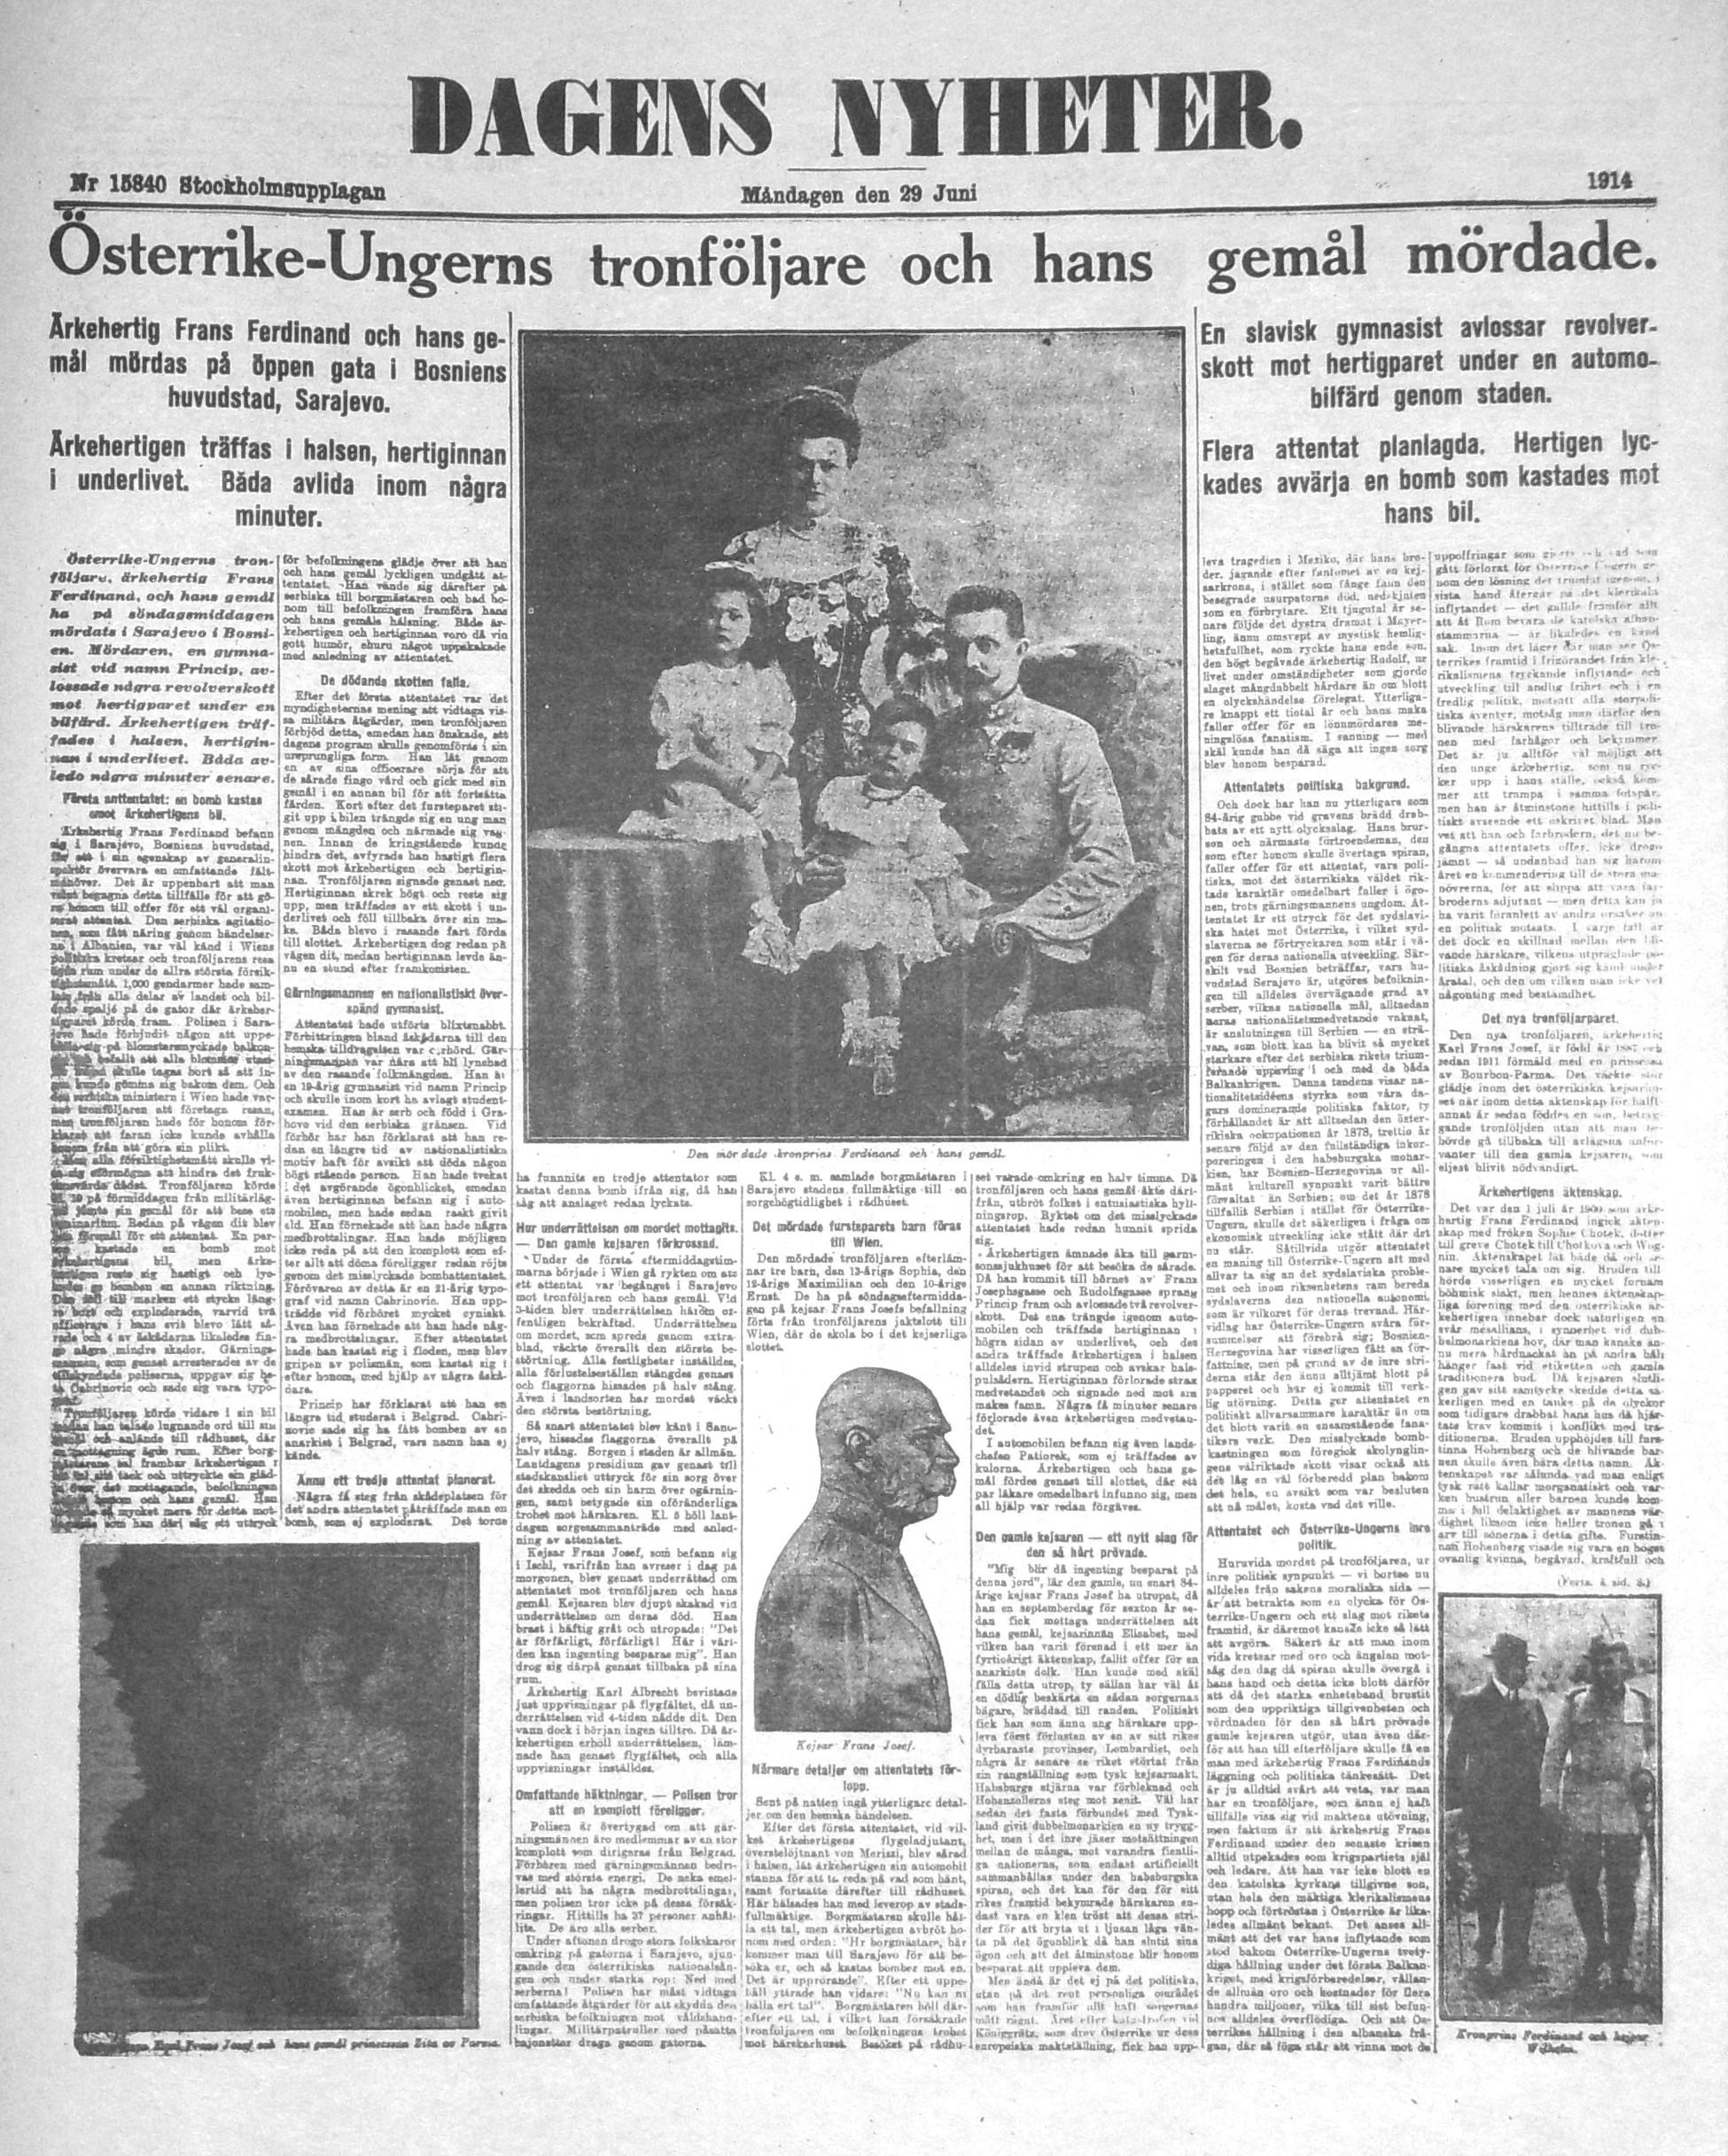 FileDagens Nyheter 29 Juni 1914jpg Wikimedia Commons